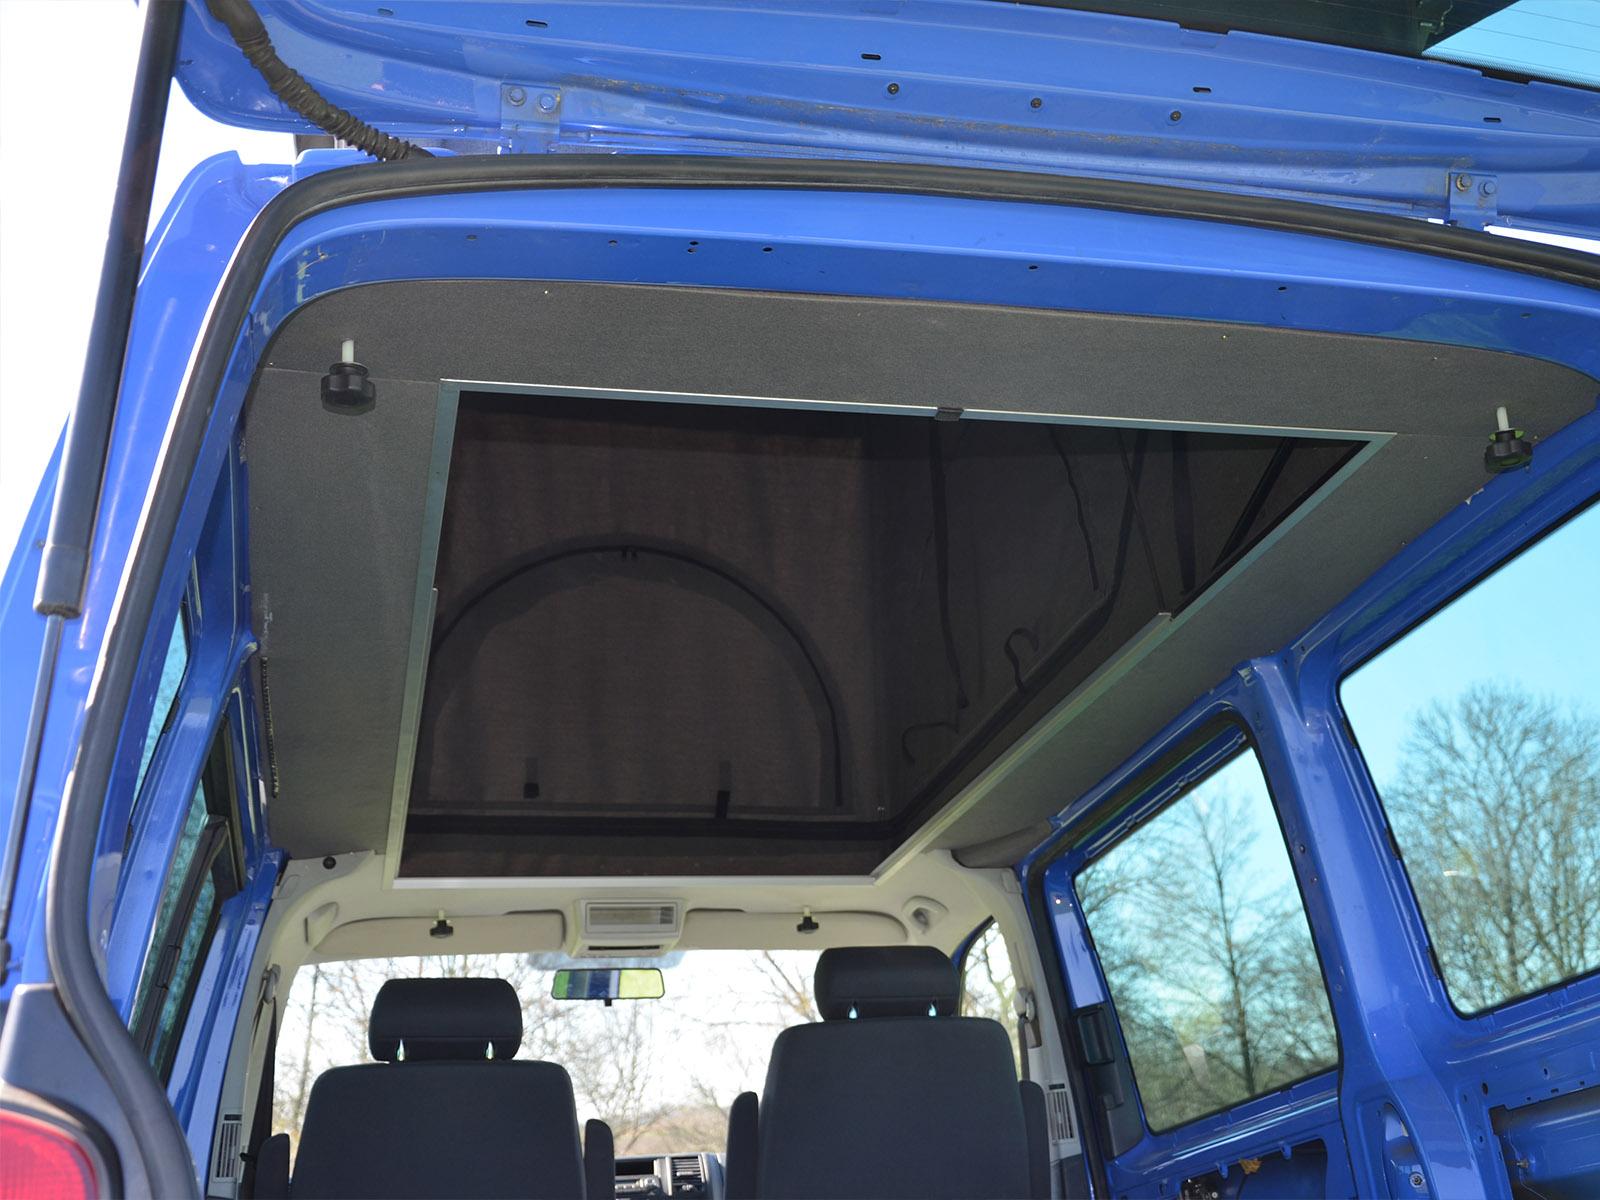 vw t5 transporter lr. Black Bedroom Furniture Sets. Home Design Ideas